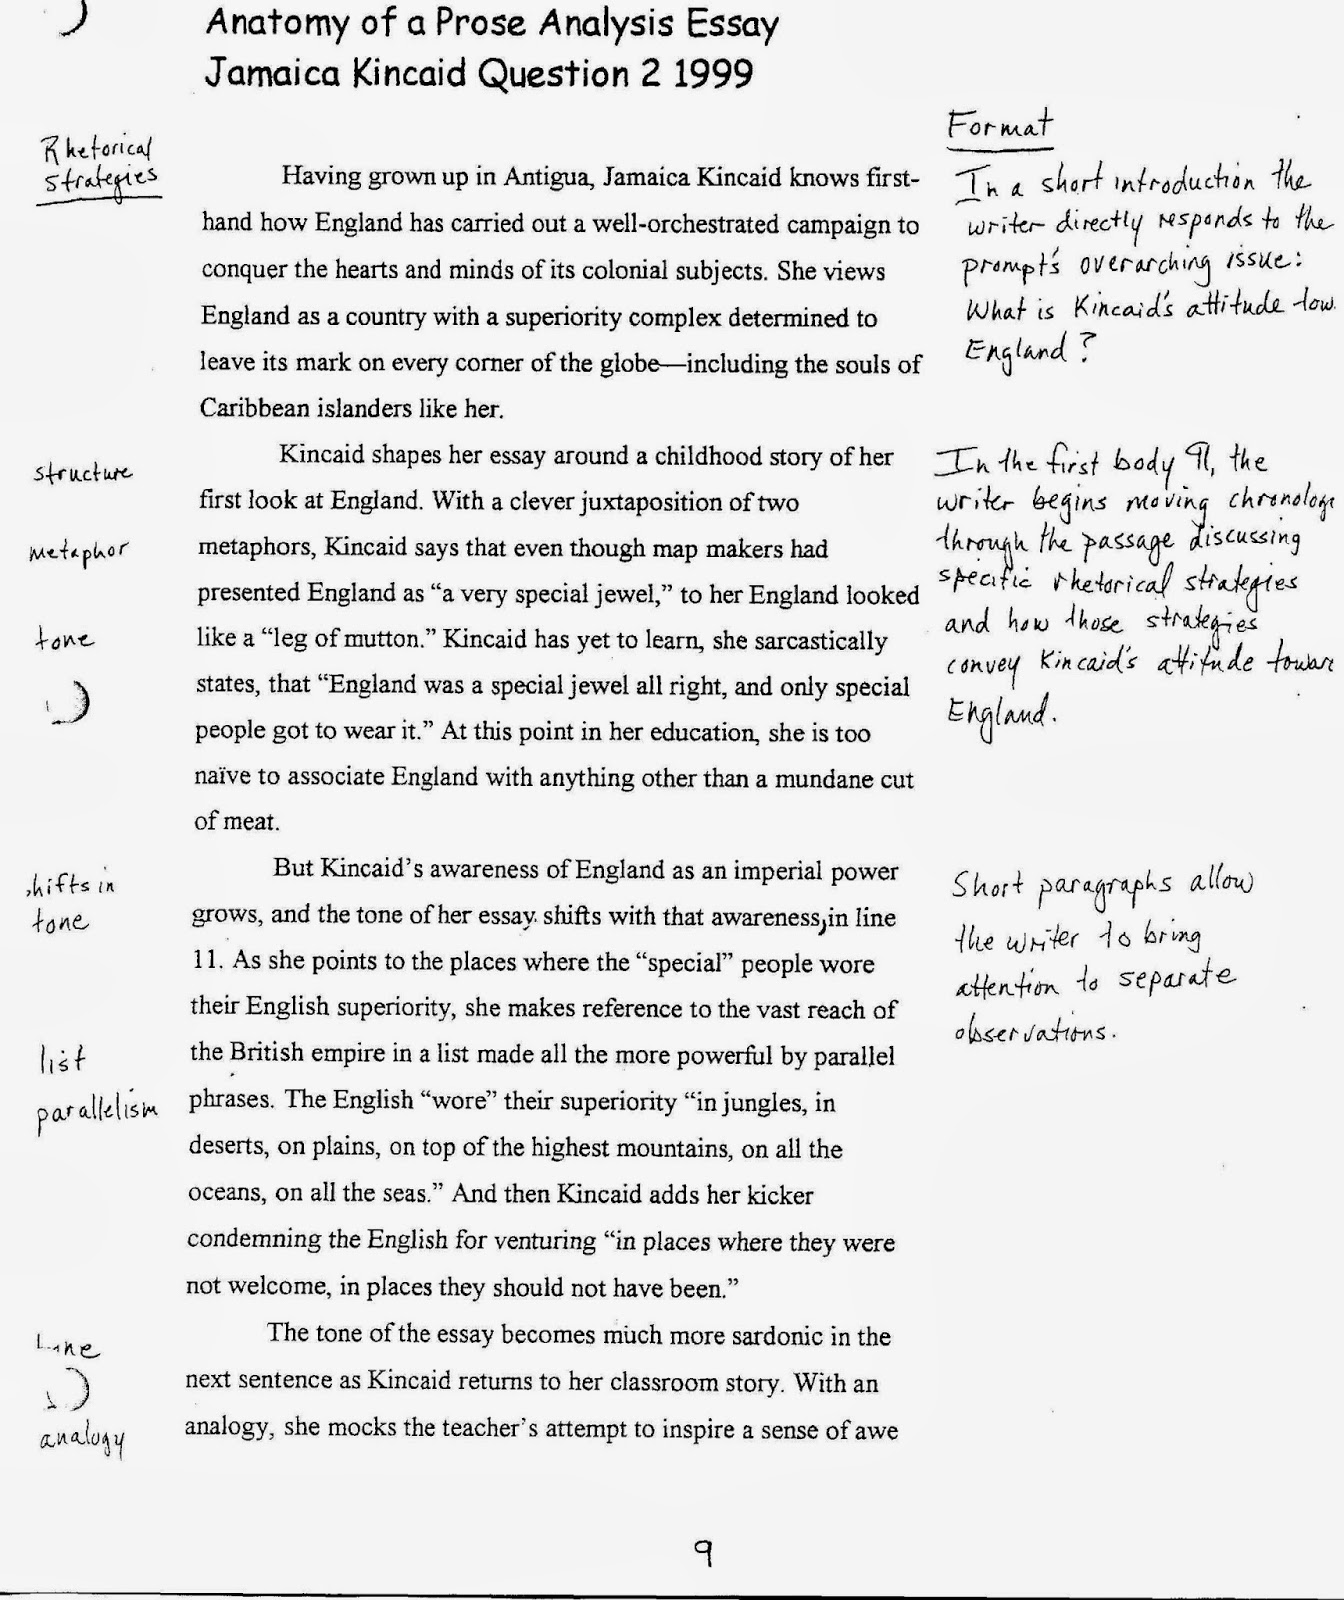 002 Rhetorical Essay Examples Example Of Analysis Essays Goal Blockety Co Using Ethos Pathos And Logo